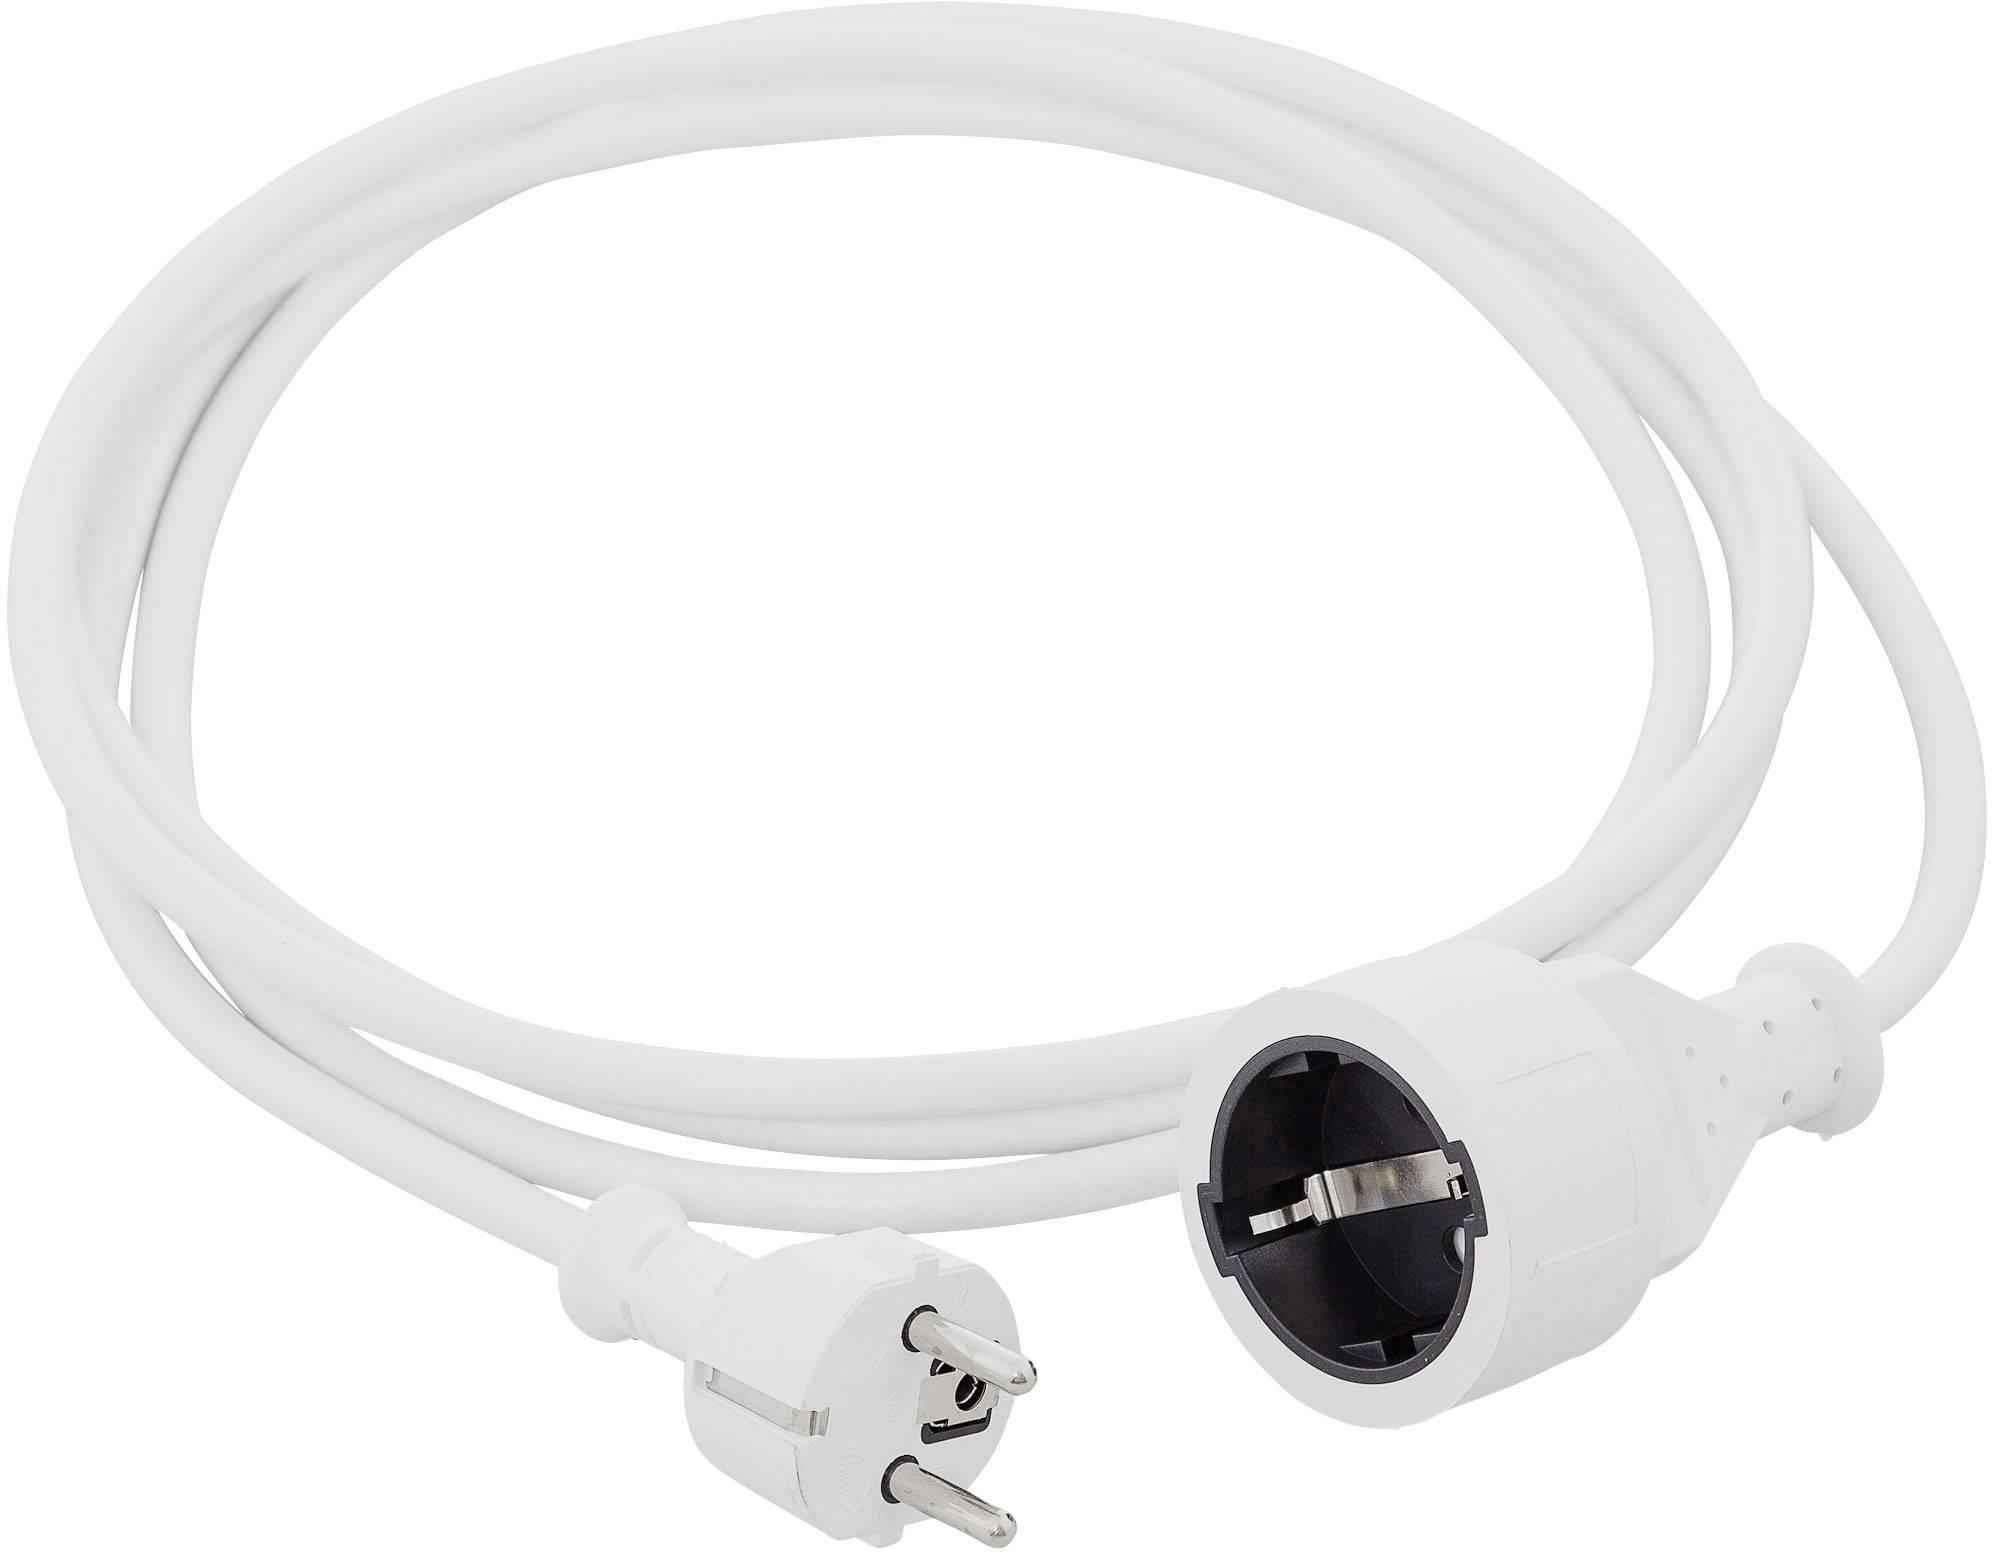 Napájecí prodlužovací kabel HAWA R6353 1008290, bílá, 3 m